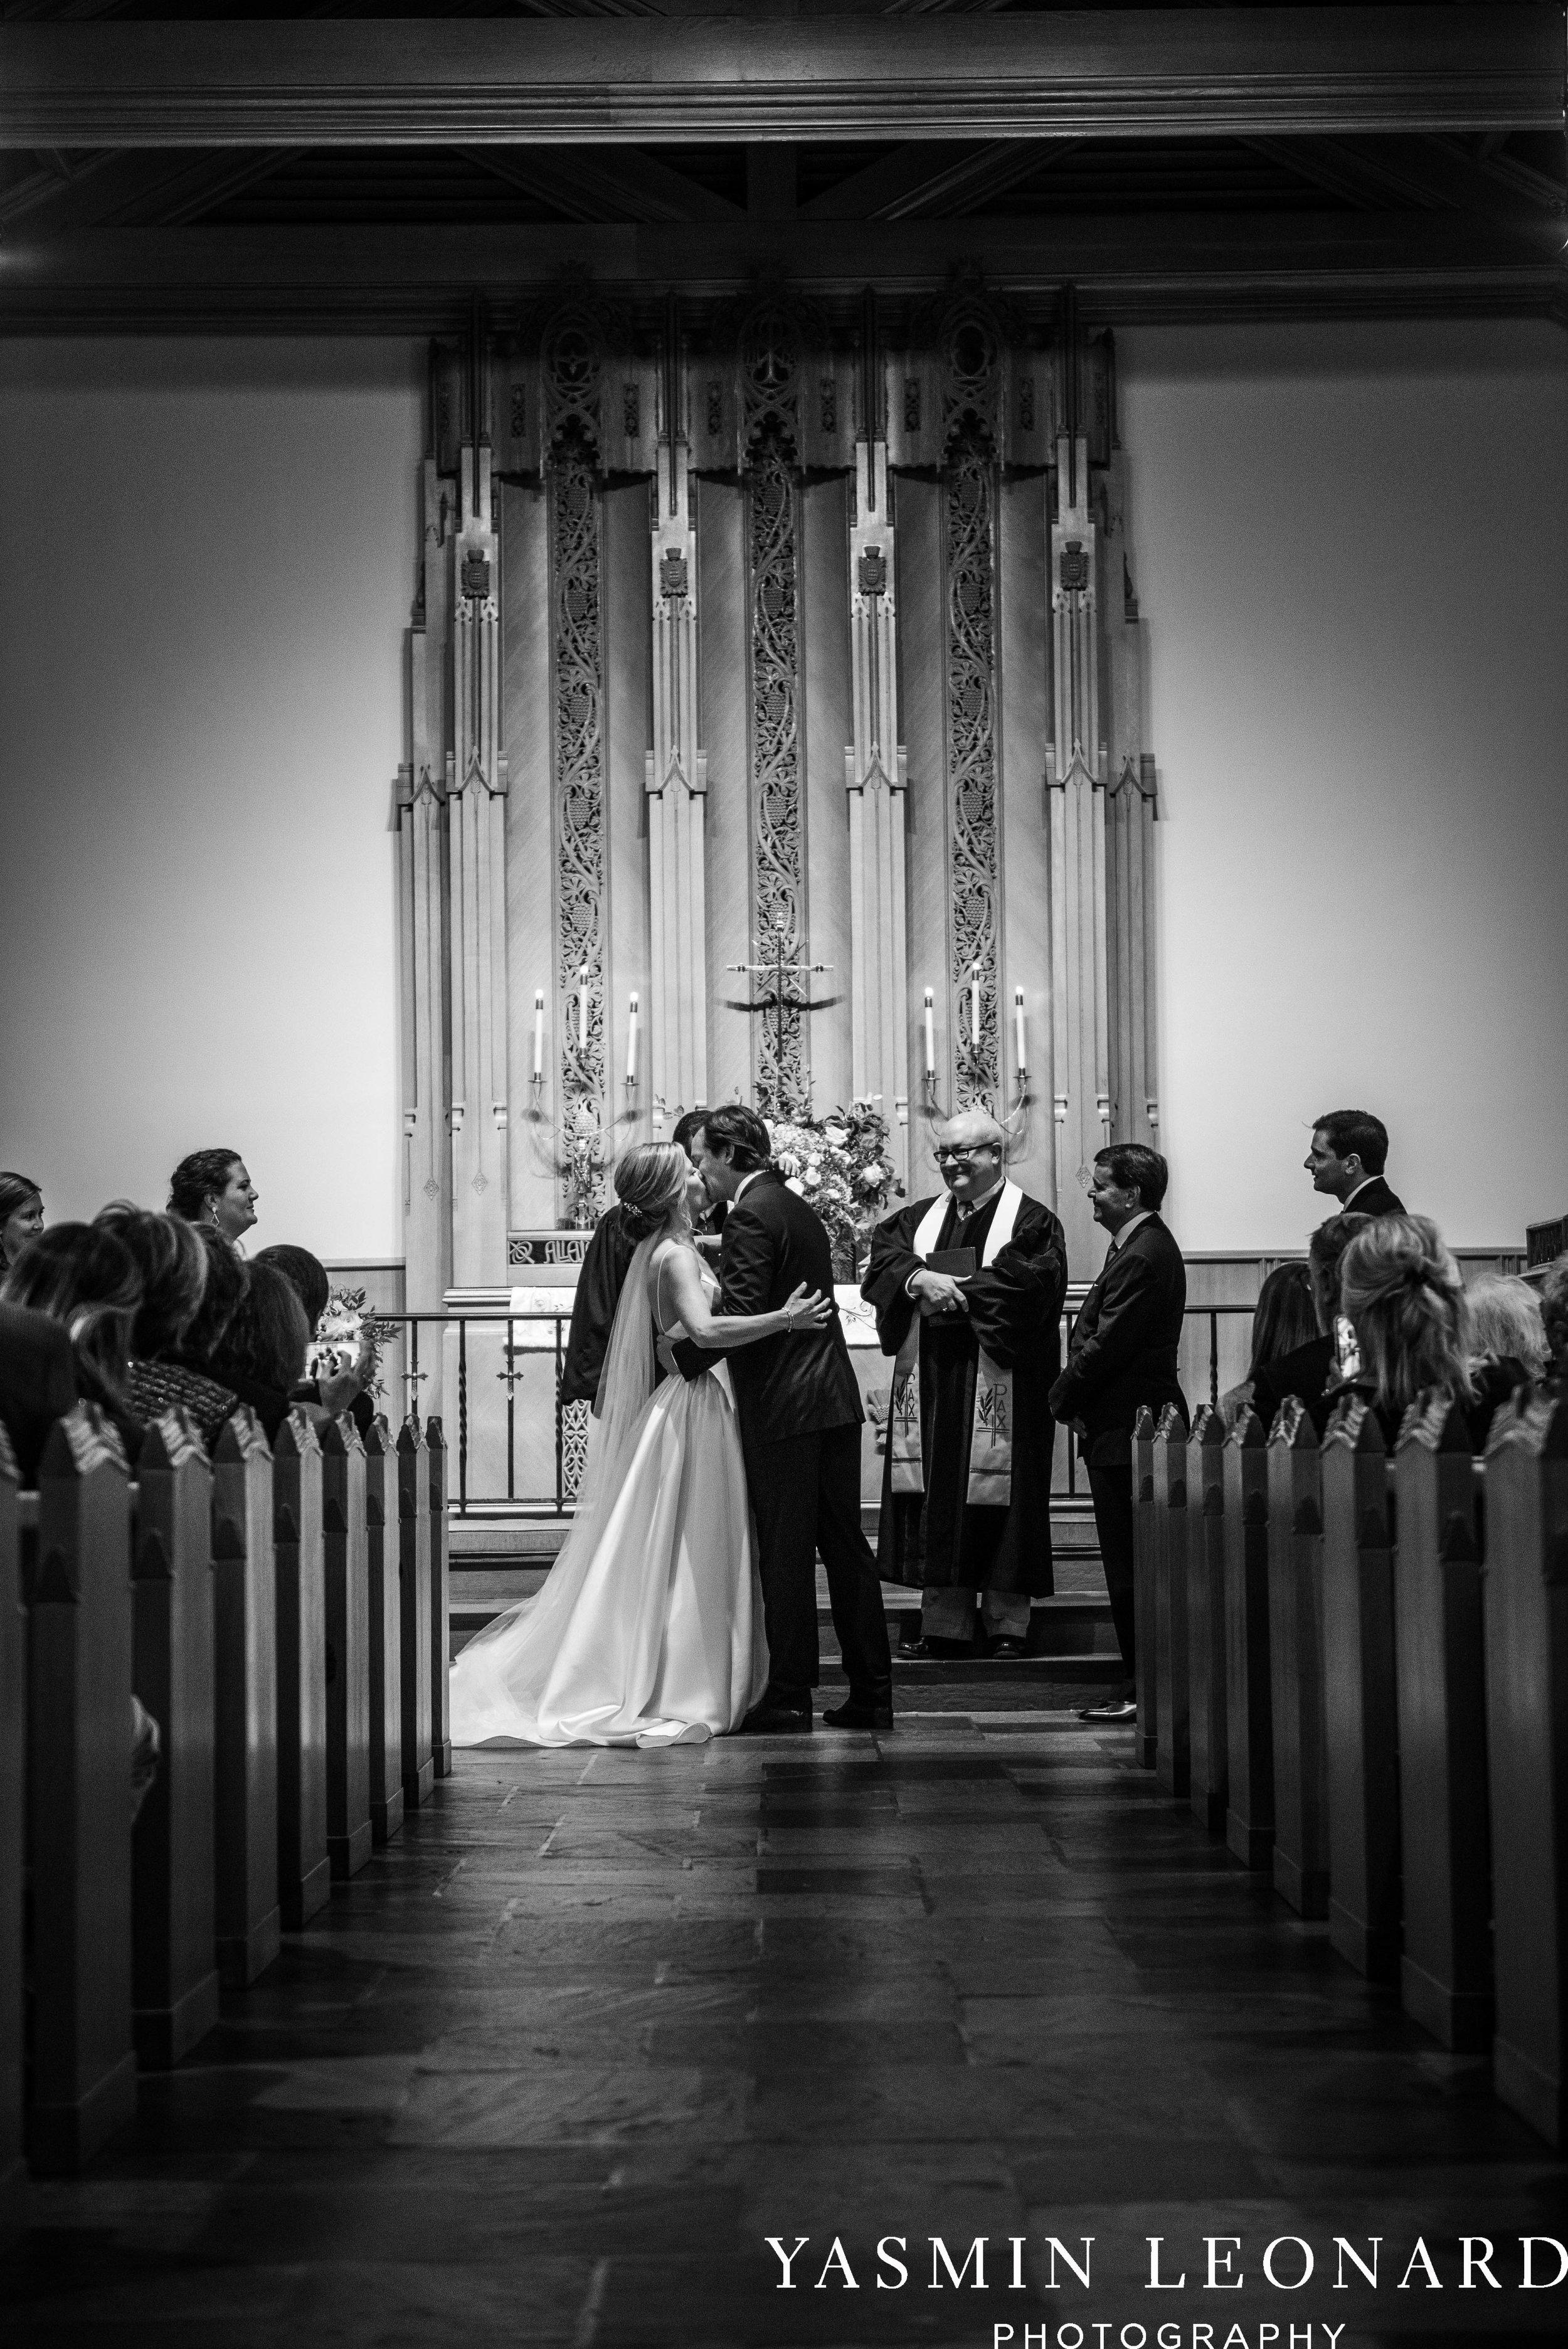 Wesley Memorial United Methodist Church - EmeryWood - High Point Weddings - High Point Wedding Photographer - NC Wedding Photographer - Yasmin Leonard Photography-28.jpg